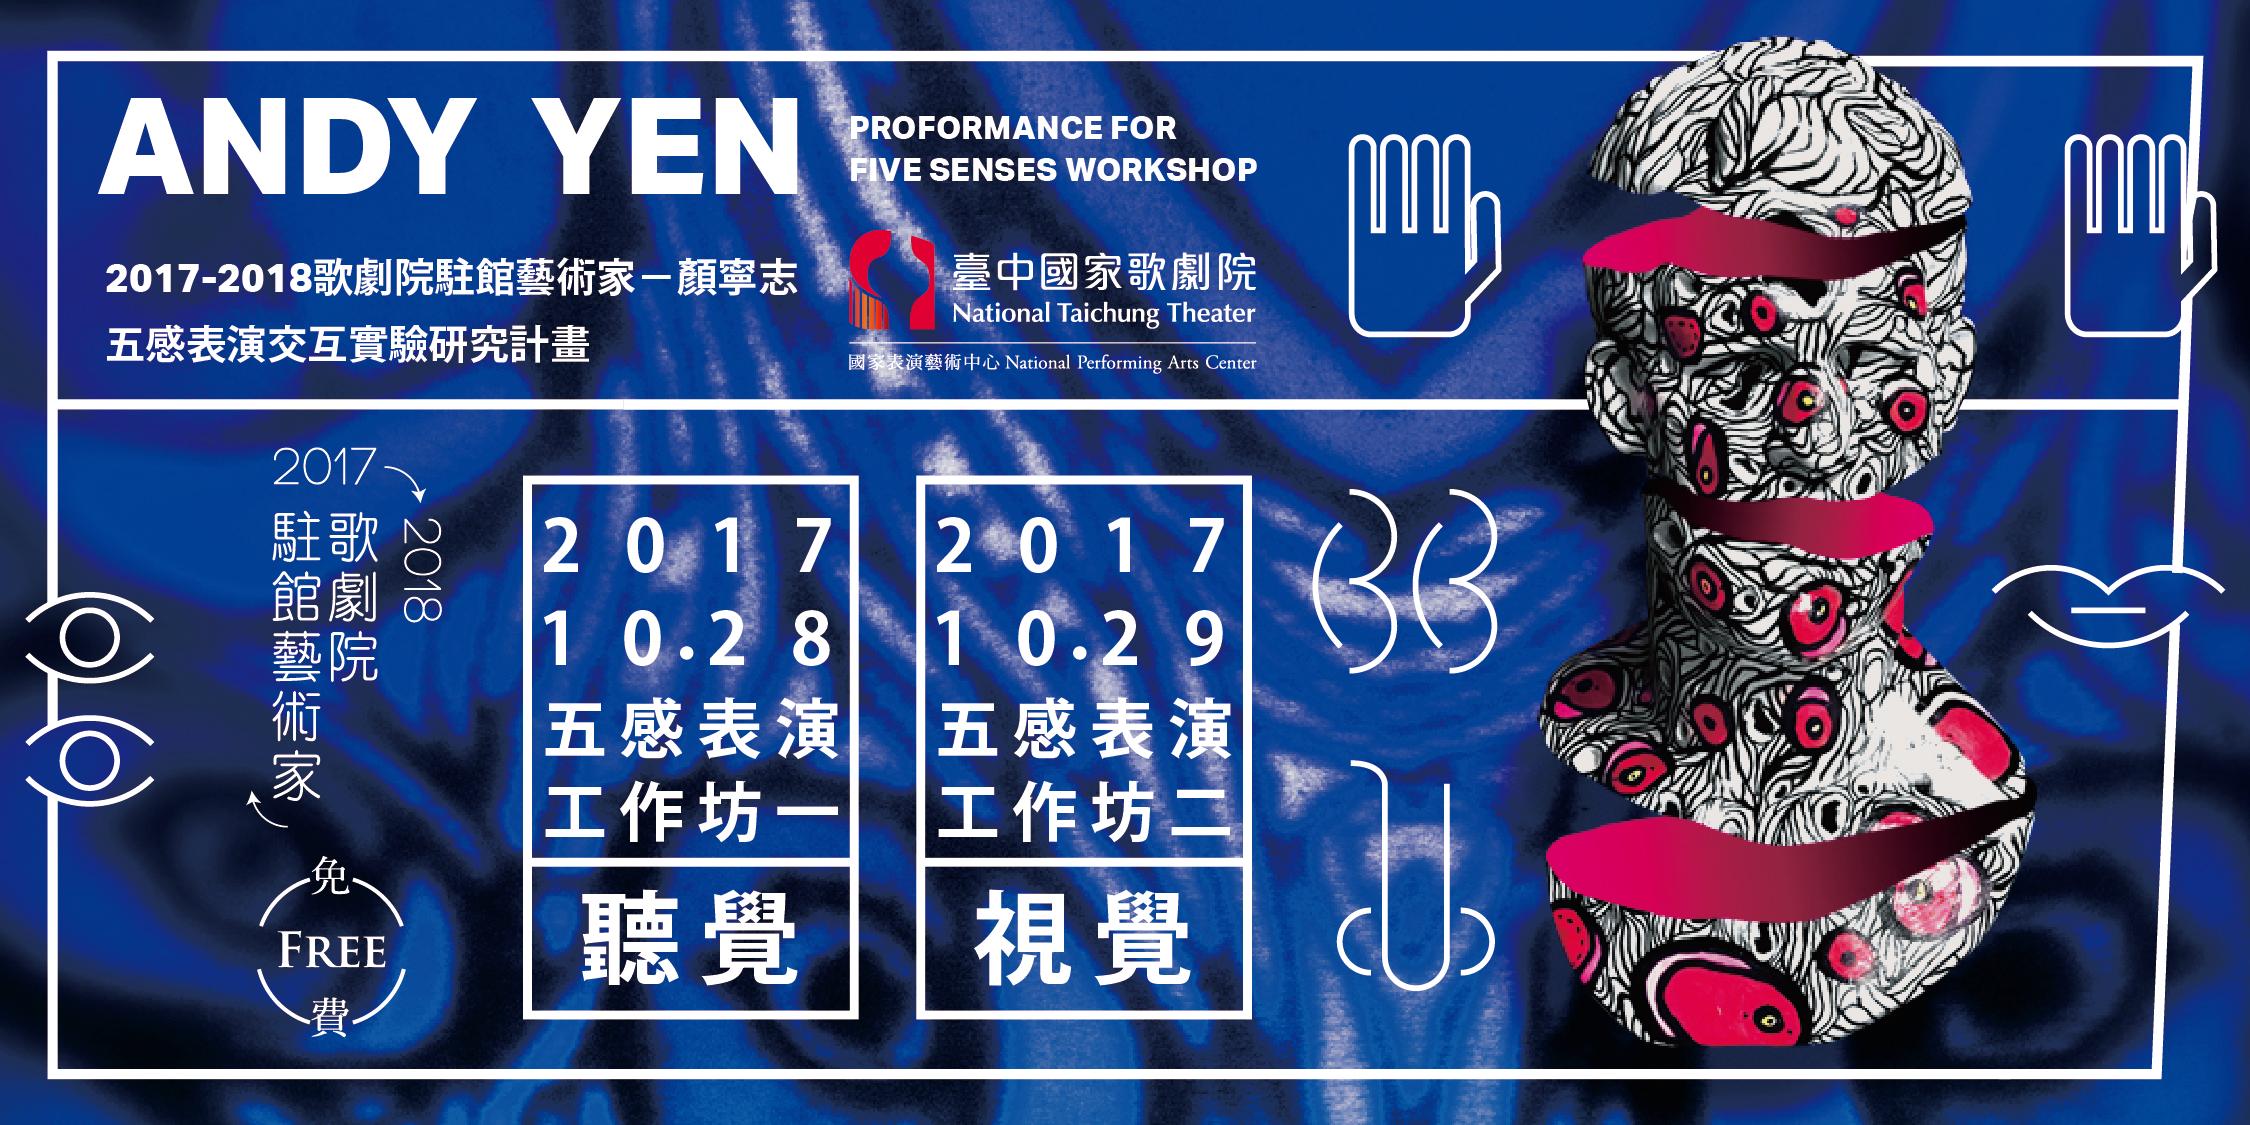 2017-2018臺中國家歌劇院駐館藝術家顔寧志─五感表演交互實驗工作坊